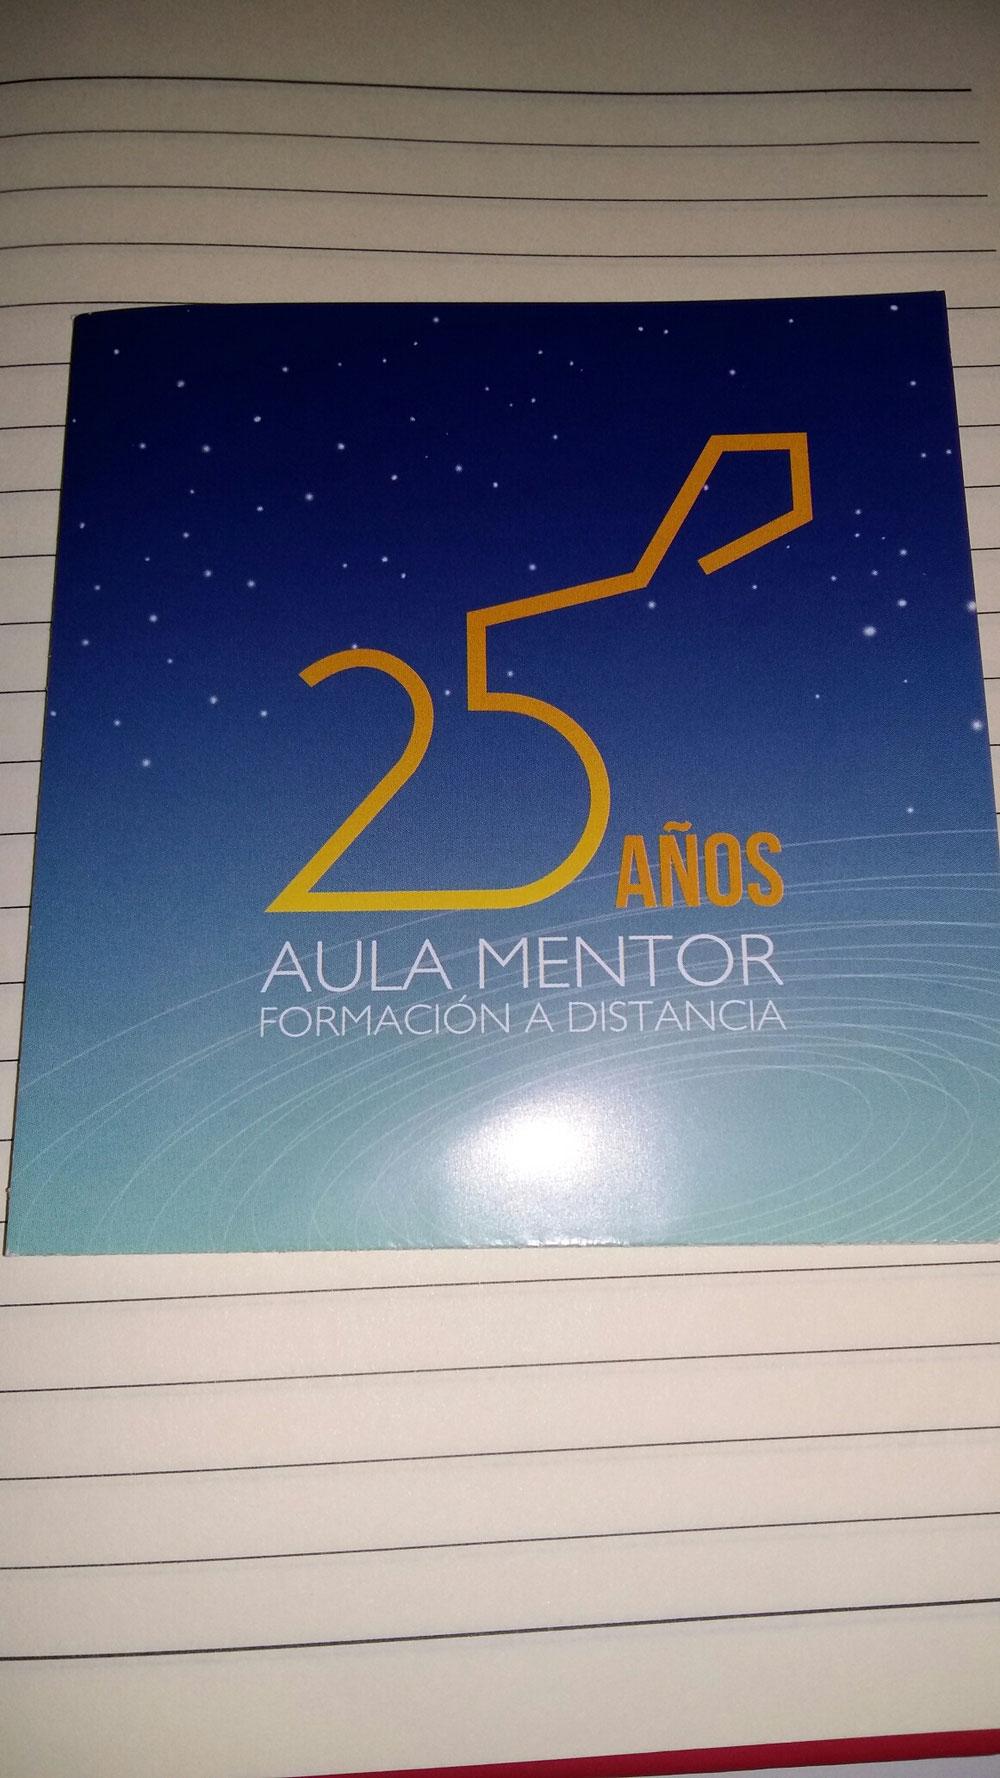 Progetto del Ministerio de Educación,  Cultura y Deporte de España